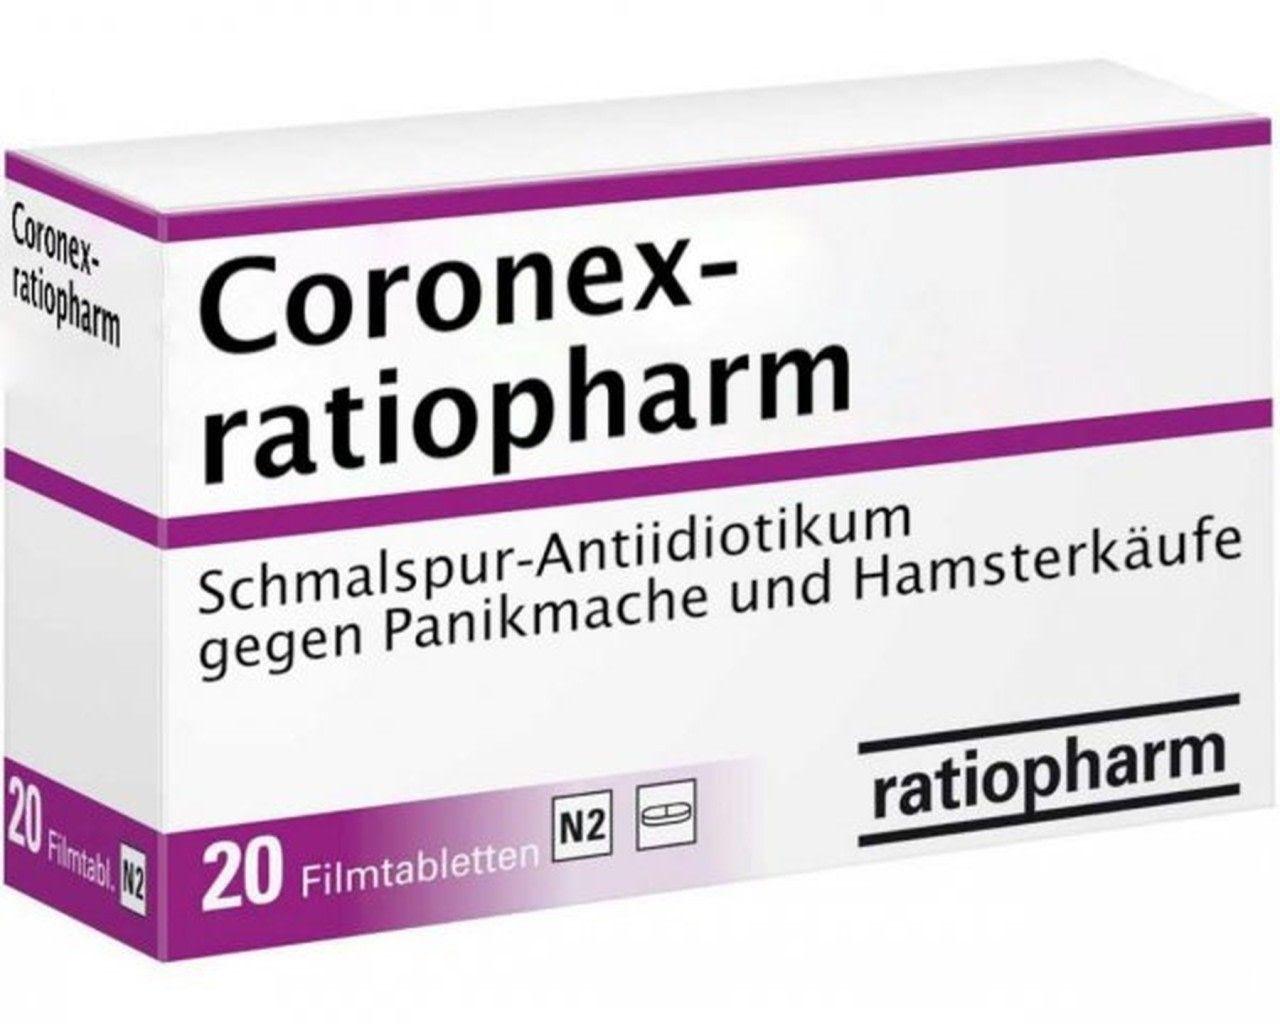 Vielleicht Ist Das Hier Sogar Wichtiger Als Ein Impfstoff Gegen Corona Witzige Bilder Spruche Aufmunternde Spruche Witzige Bilder